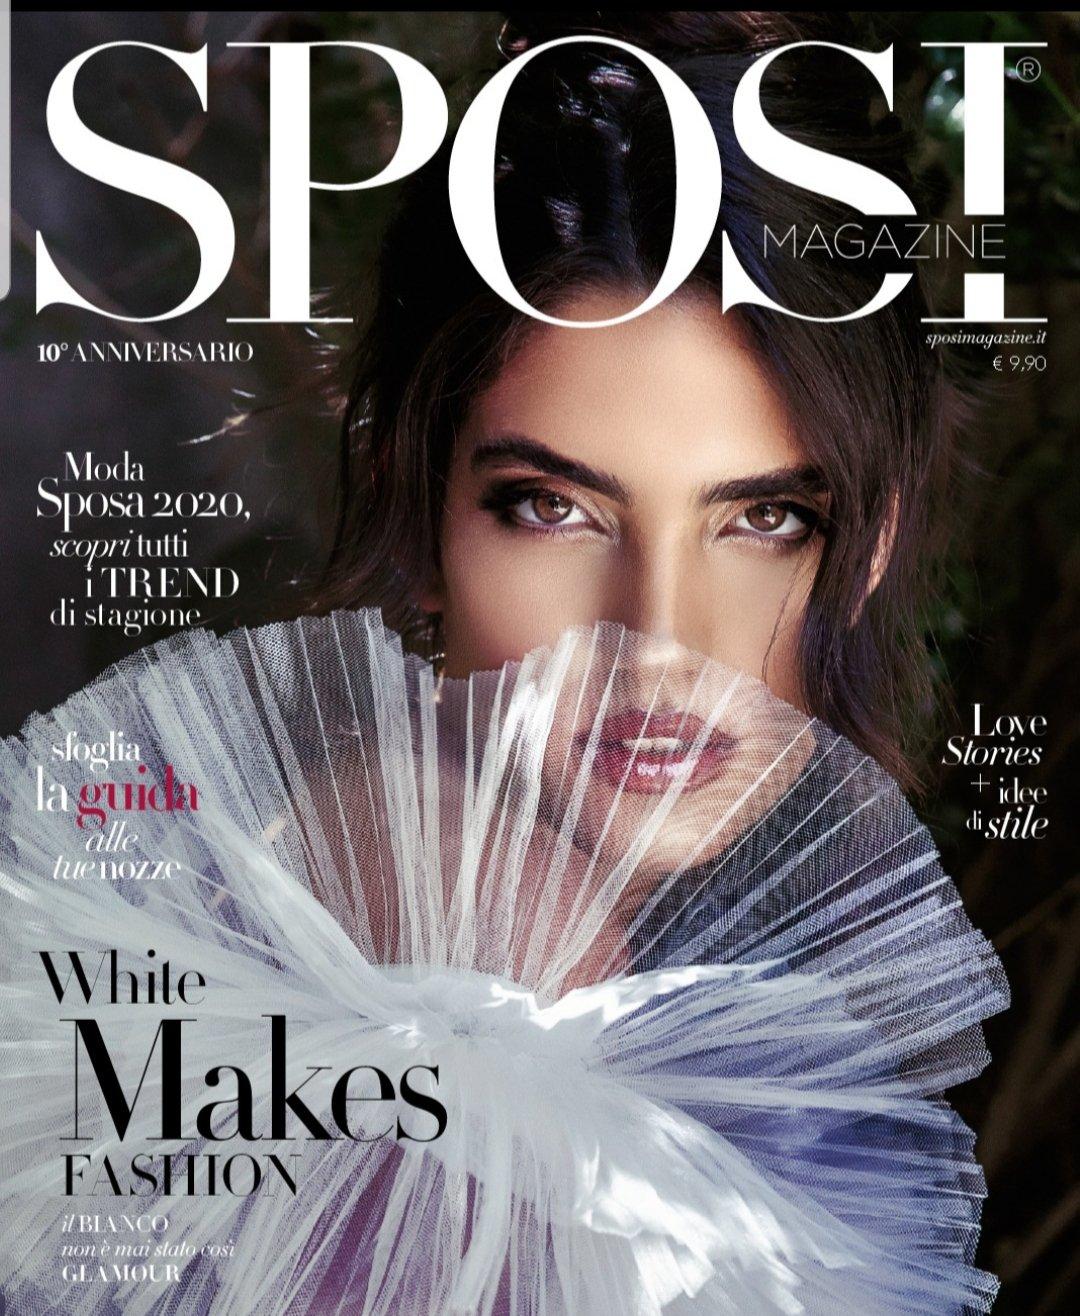 In vendita il nuovo numero di Sposi Magazine 2020 Redat24